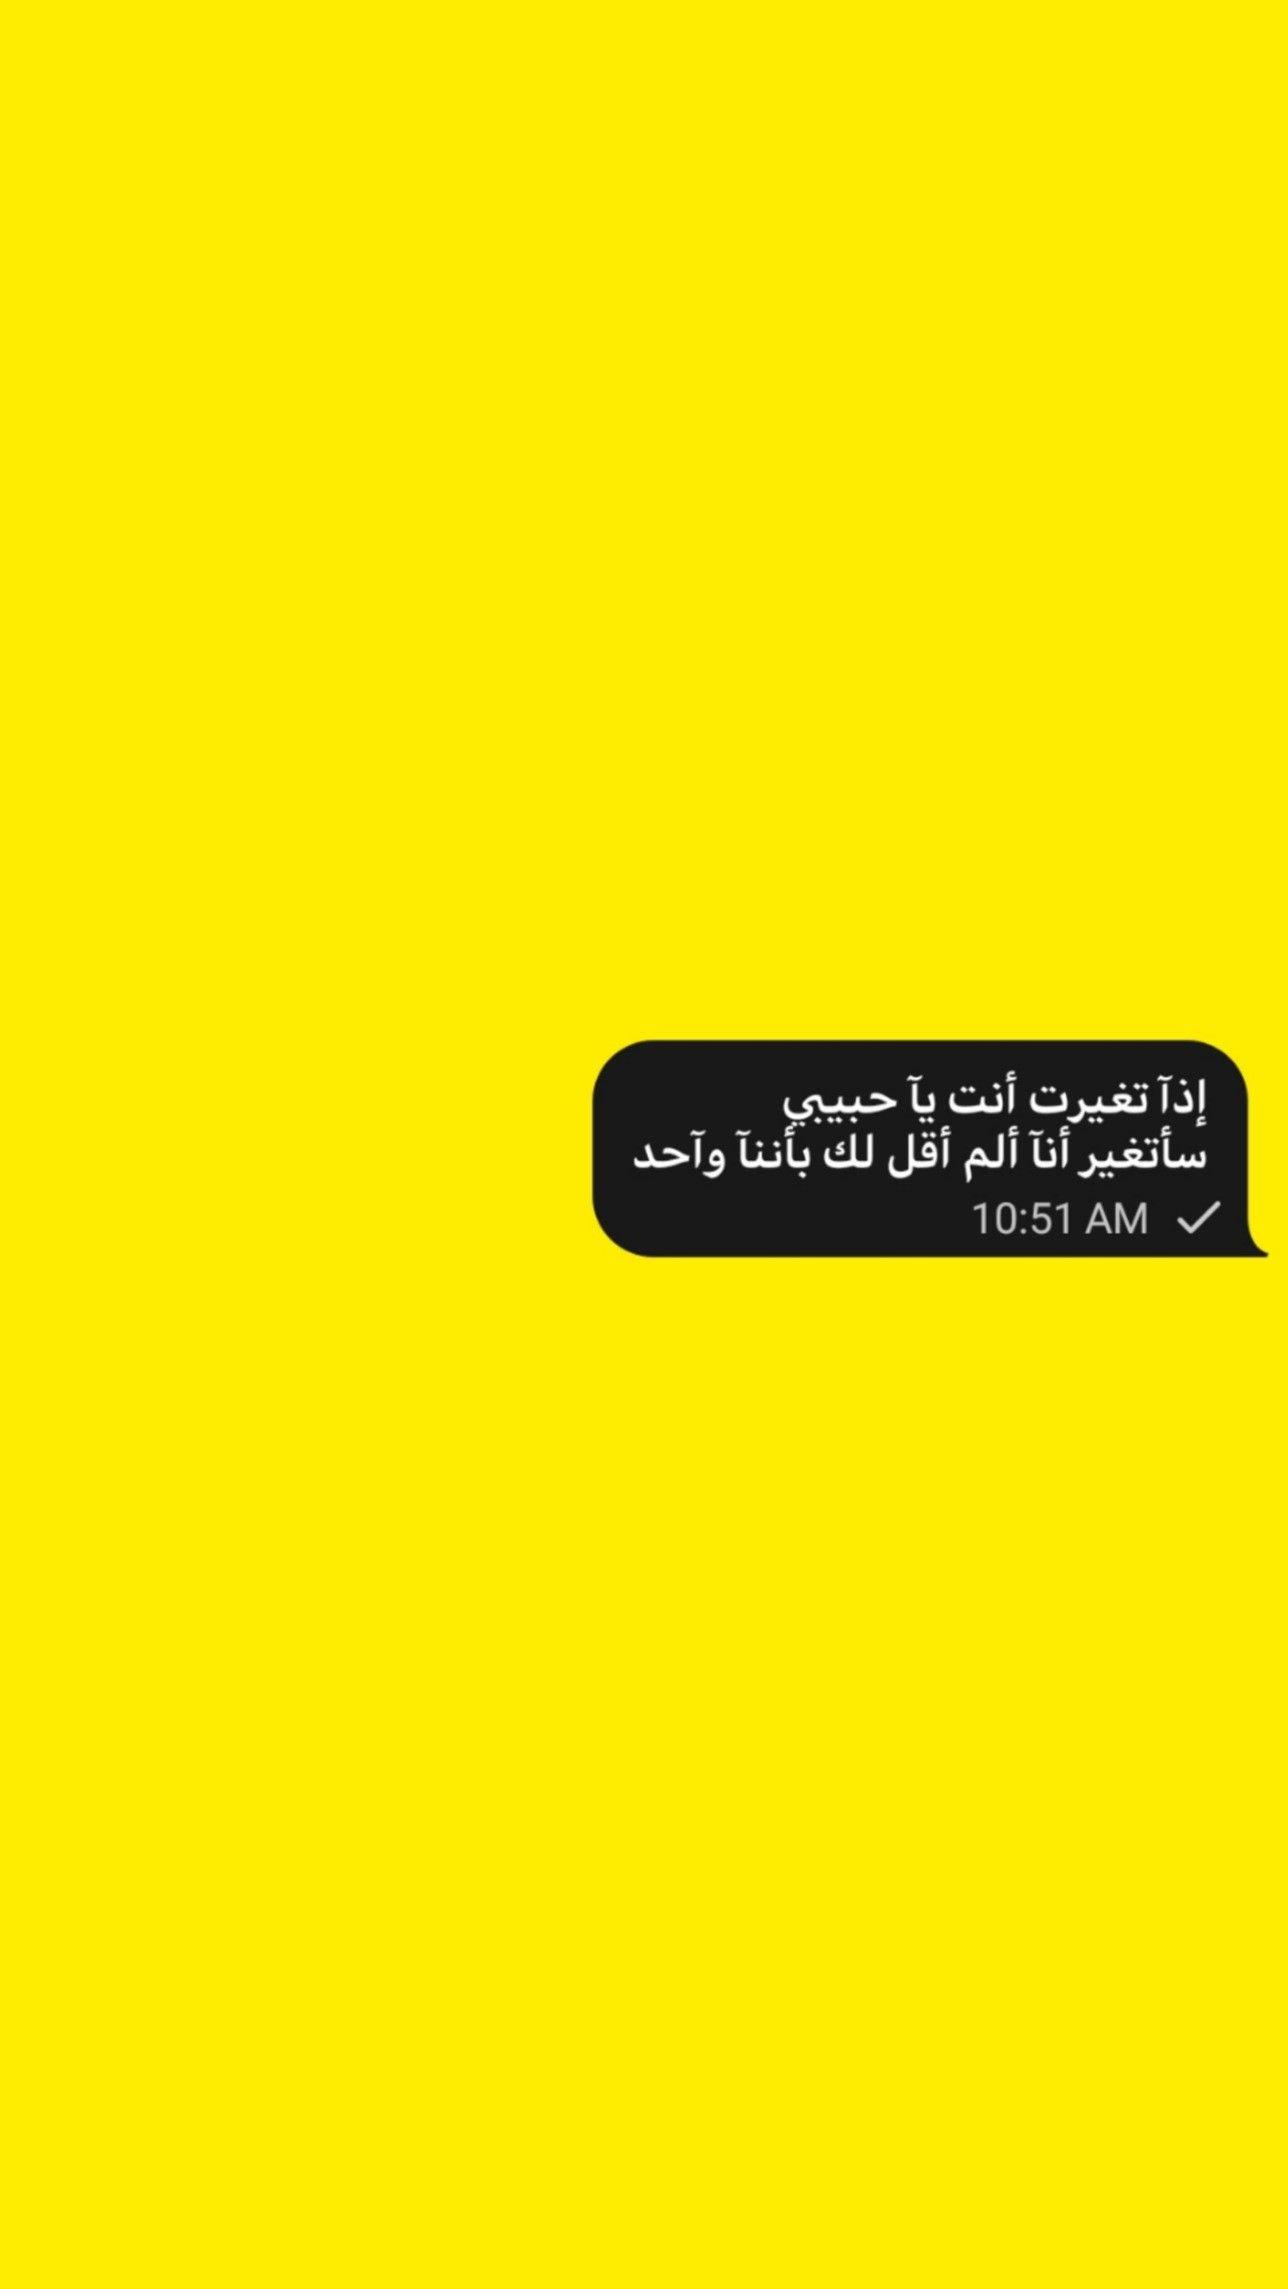 كتابات خلفيات صفراء Quran Quotes Inspirational Beautiful Arabic Words Quran Quotes